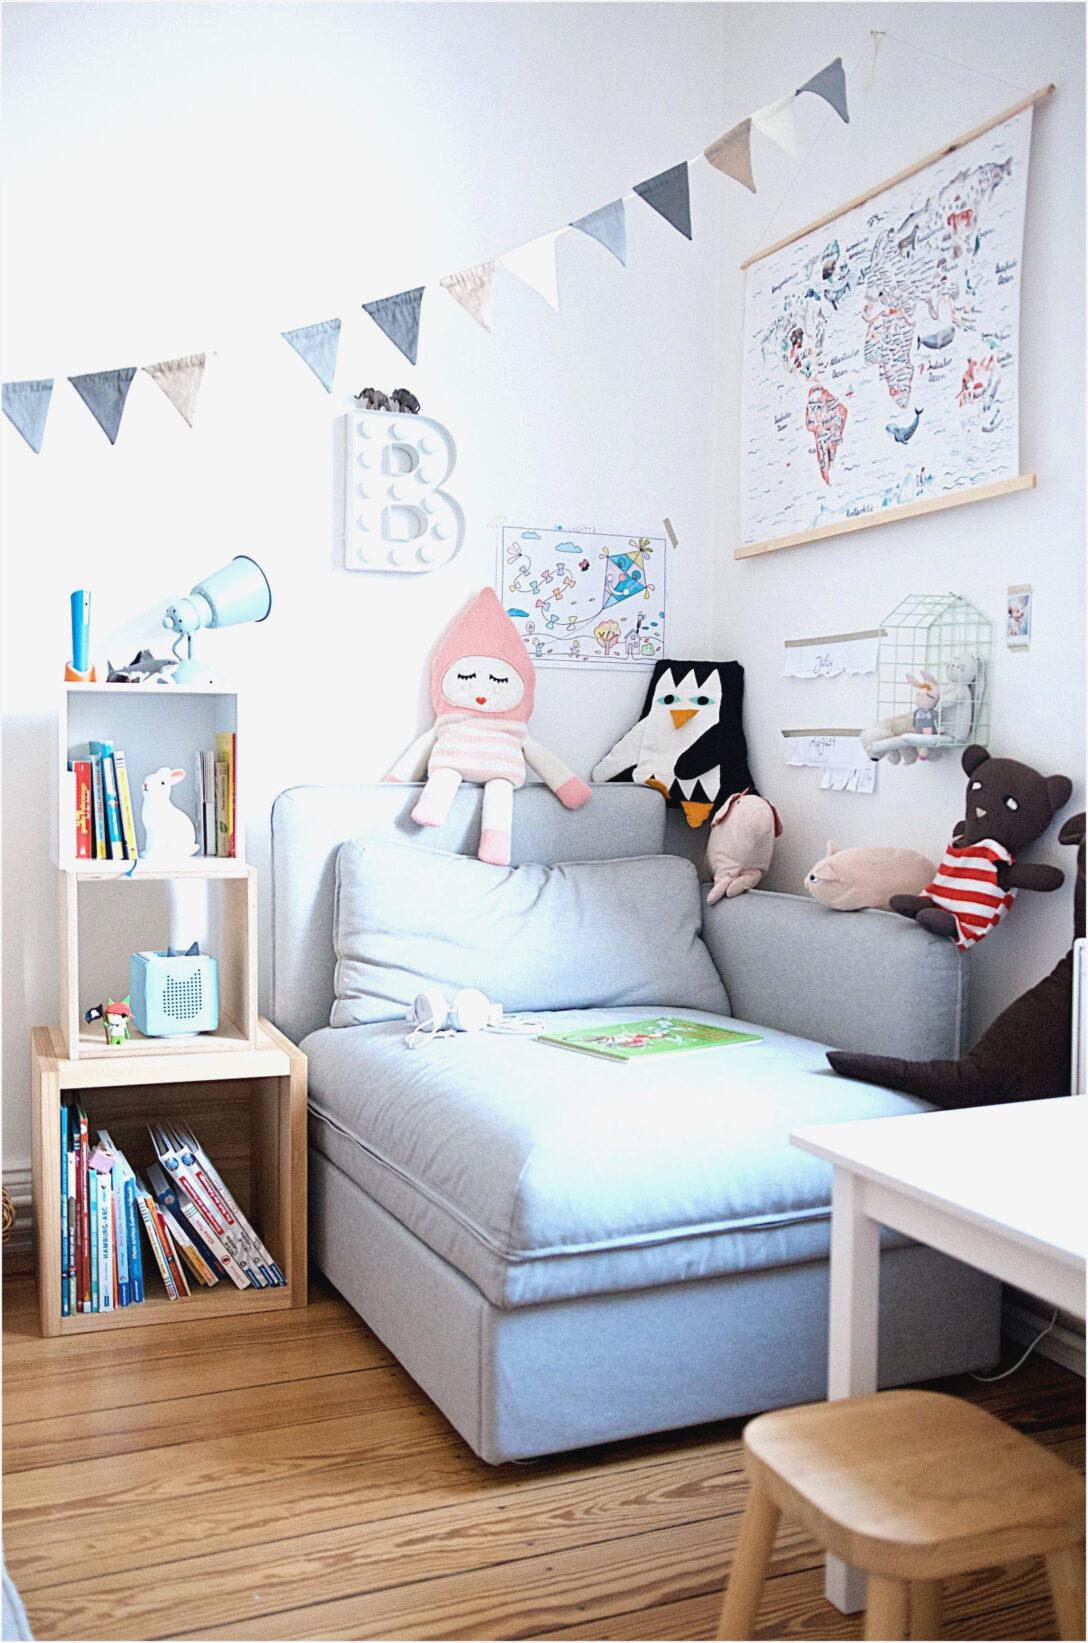 Large Size of Kinderzimmer Einrichten Junge 9 Jahre Traumhaus Kleine Küche Regale Badezimmer Regal Weiß Sofa Kinderzimmer Kinderzimmer Einrichten Junge